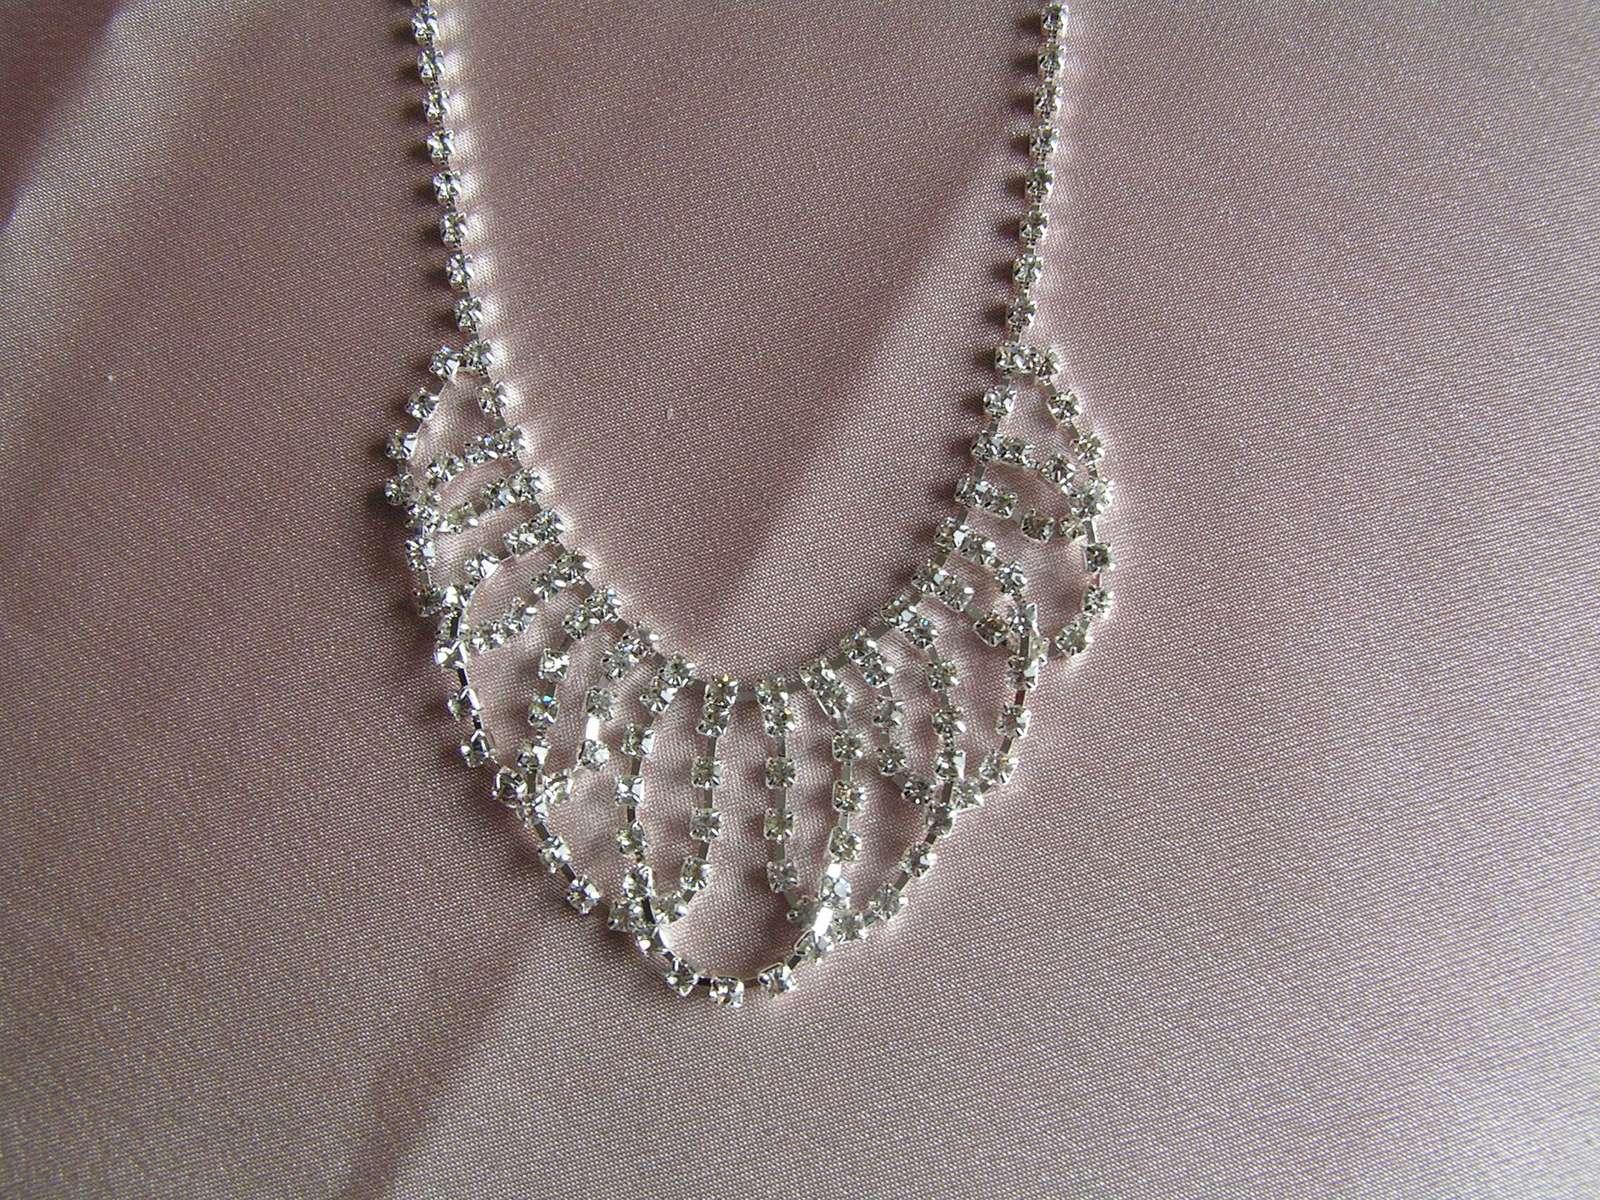 Štrasový náhrdelník - Obrázek č. 2